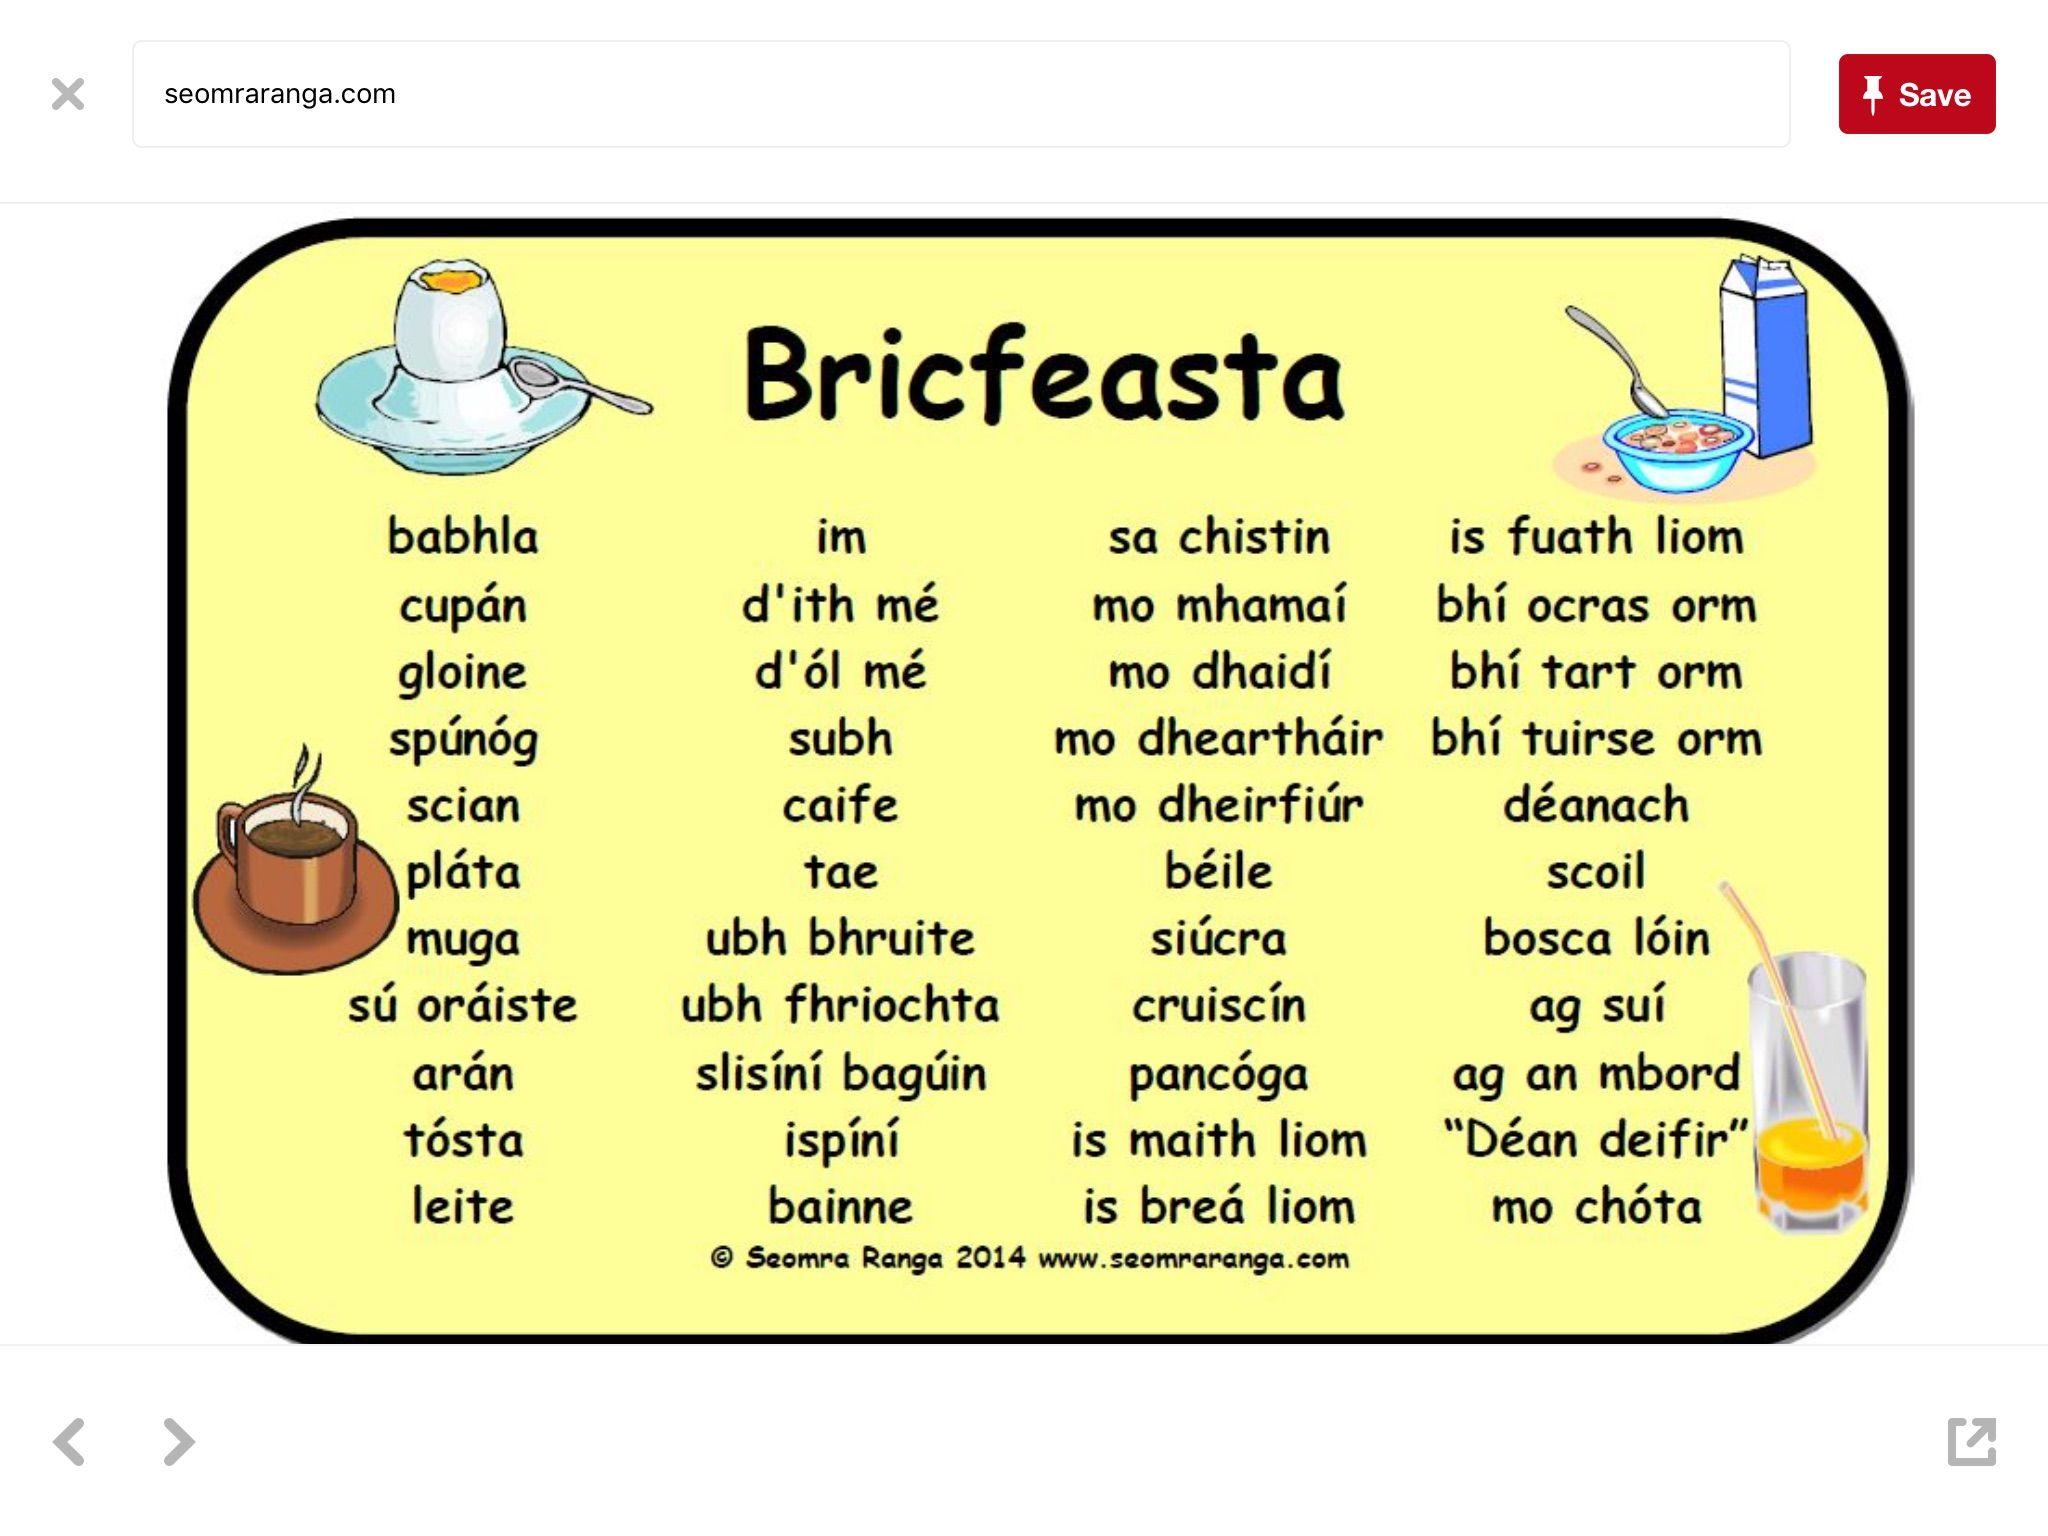 Gaeilge Obair Scriofa Gaeilge Irish Language Irish Gaelic